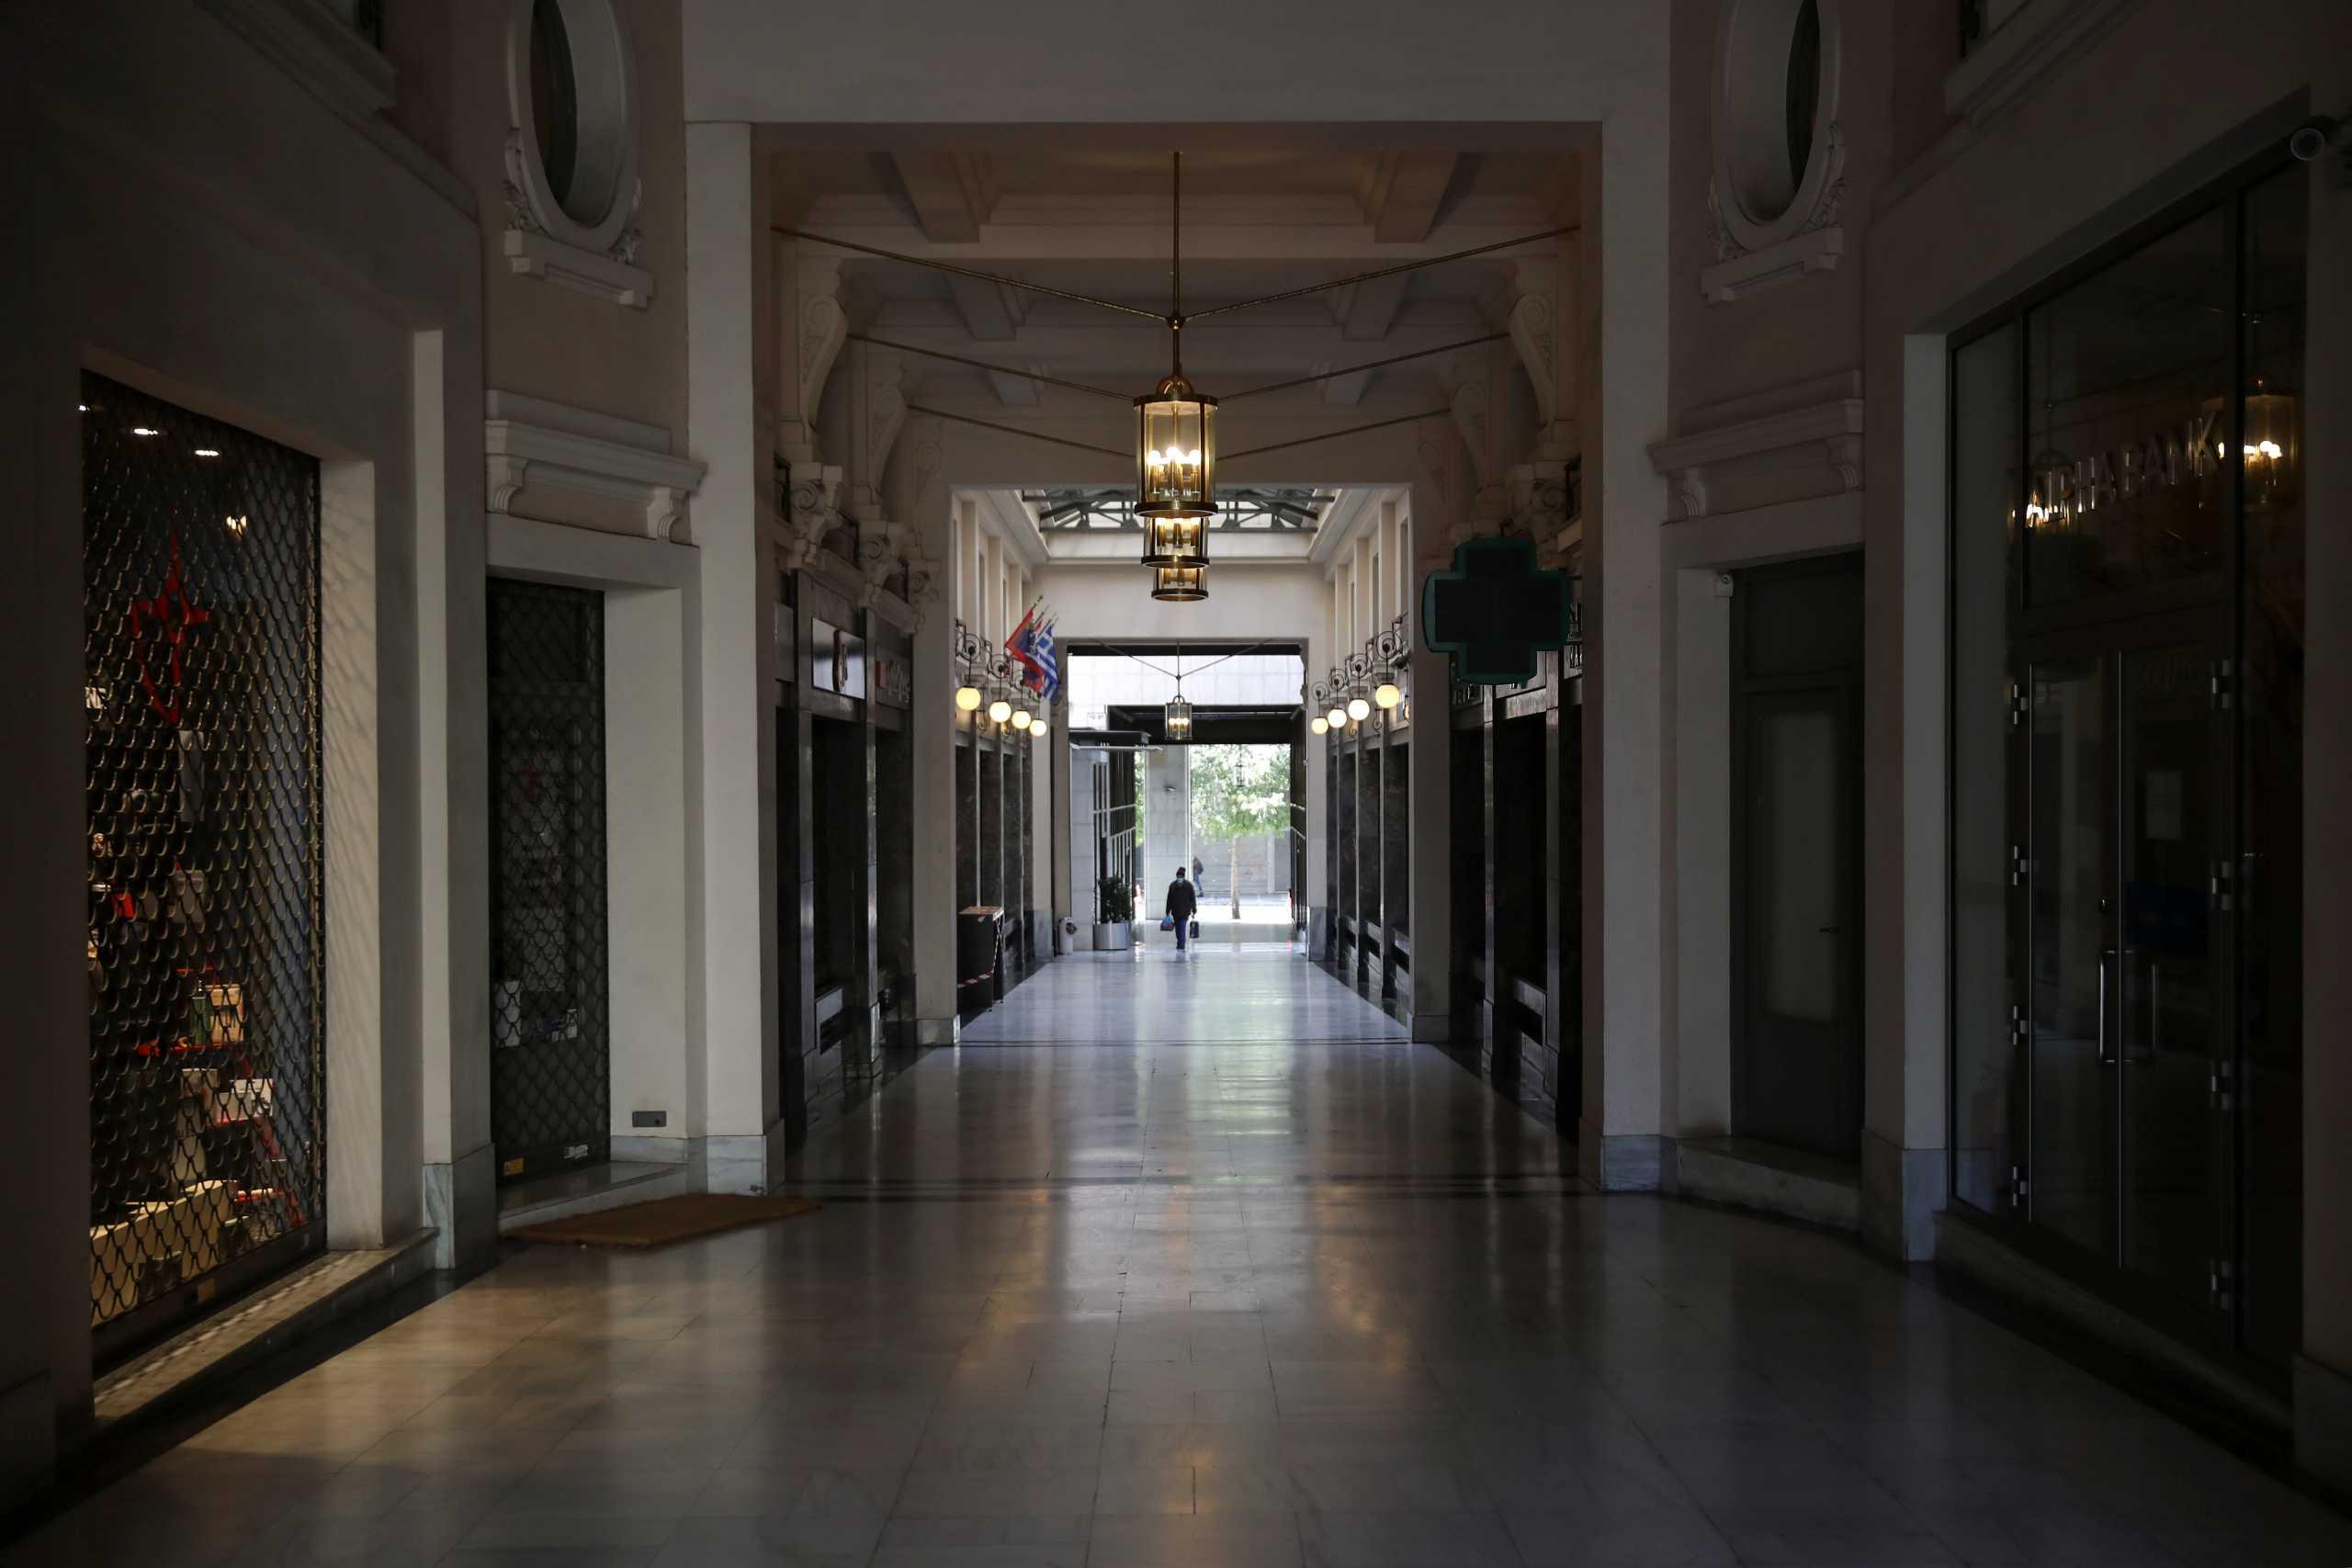 Το αυστηρό lockdown στην Αττική ανεβάζει έλλειμμα και χρέος και «κουρεύει» την ανάπτυξη